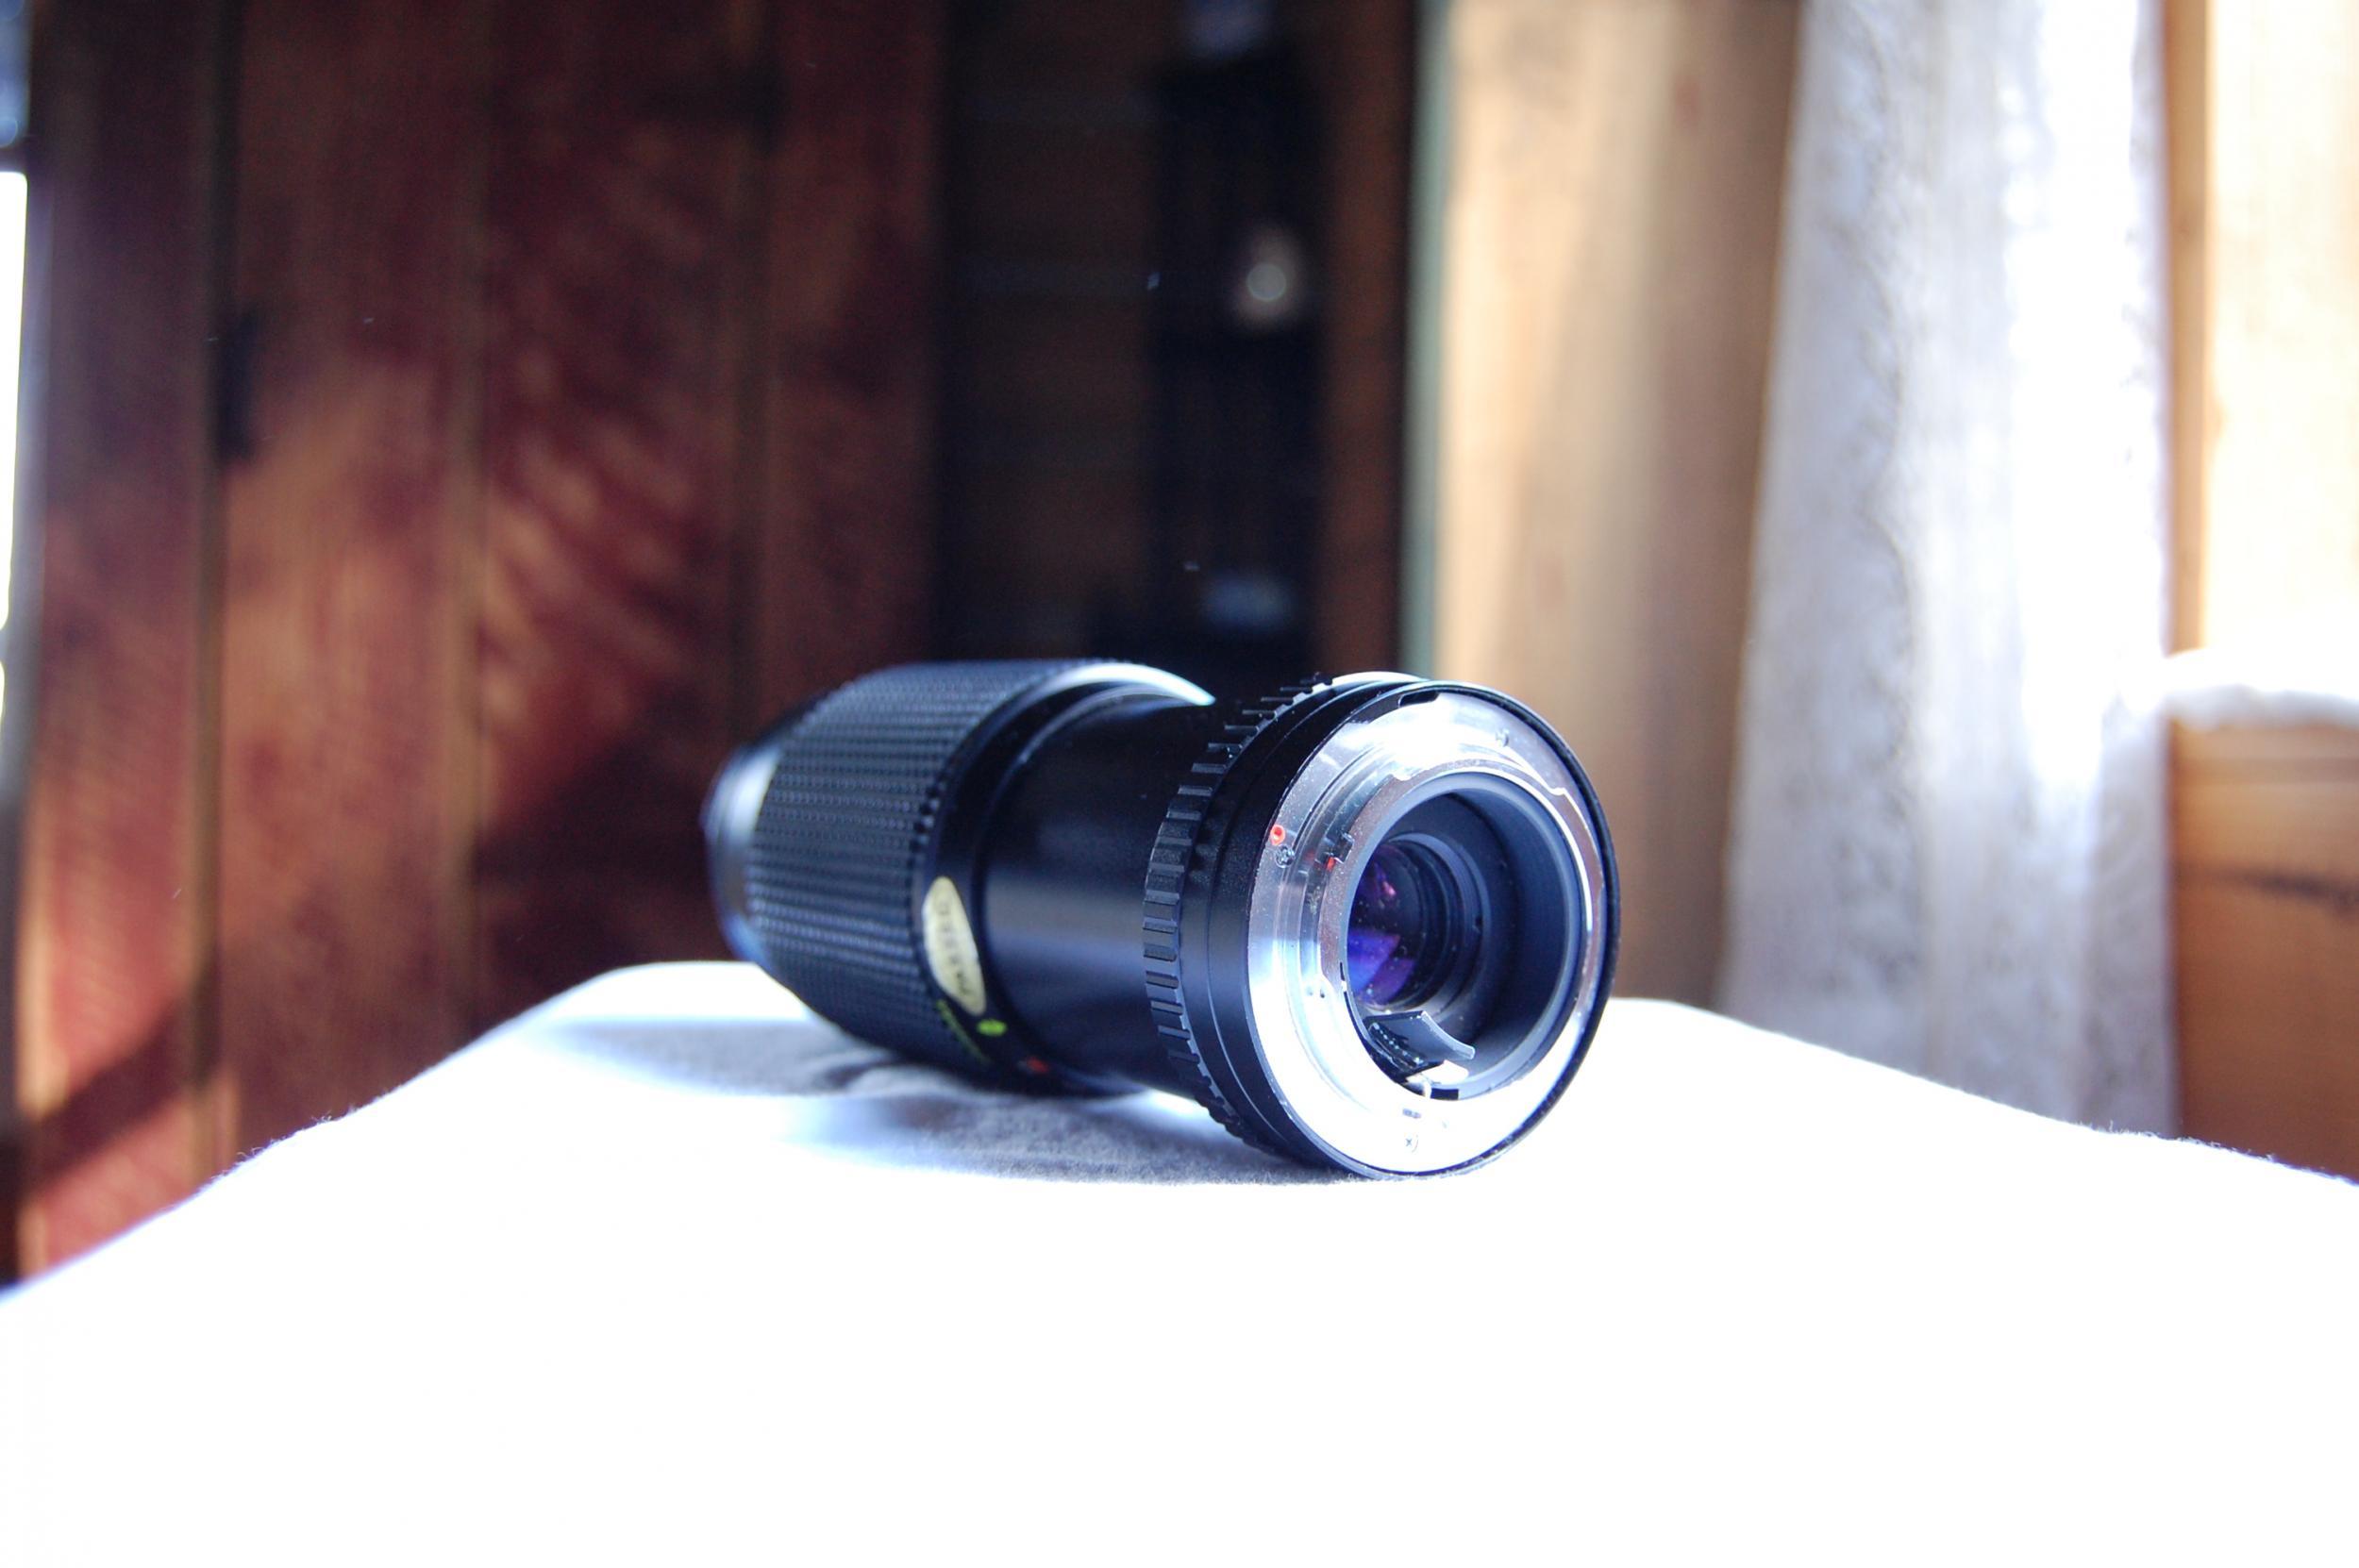 quantaray 80 205mm manual focus lens at dvinfo net rh dvinfo net Quantaray Color Wheel Quantaray Tripod